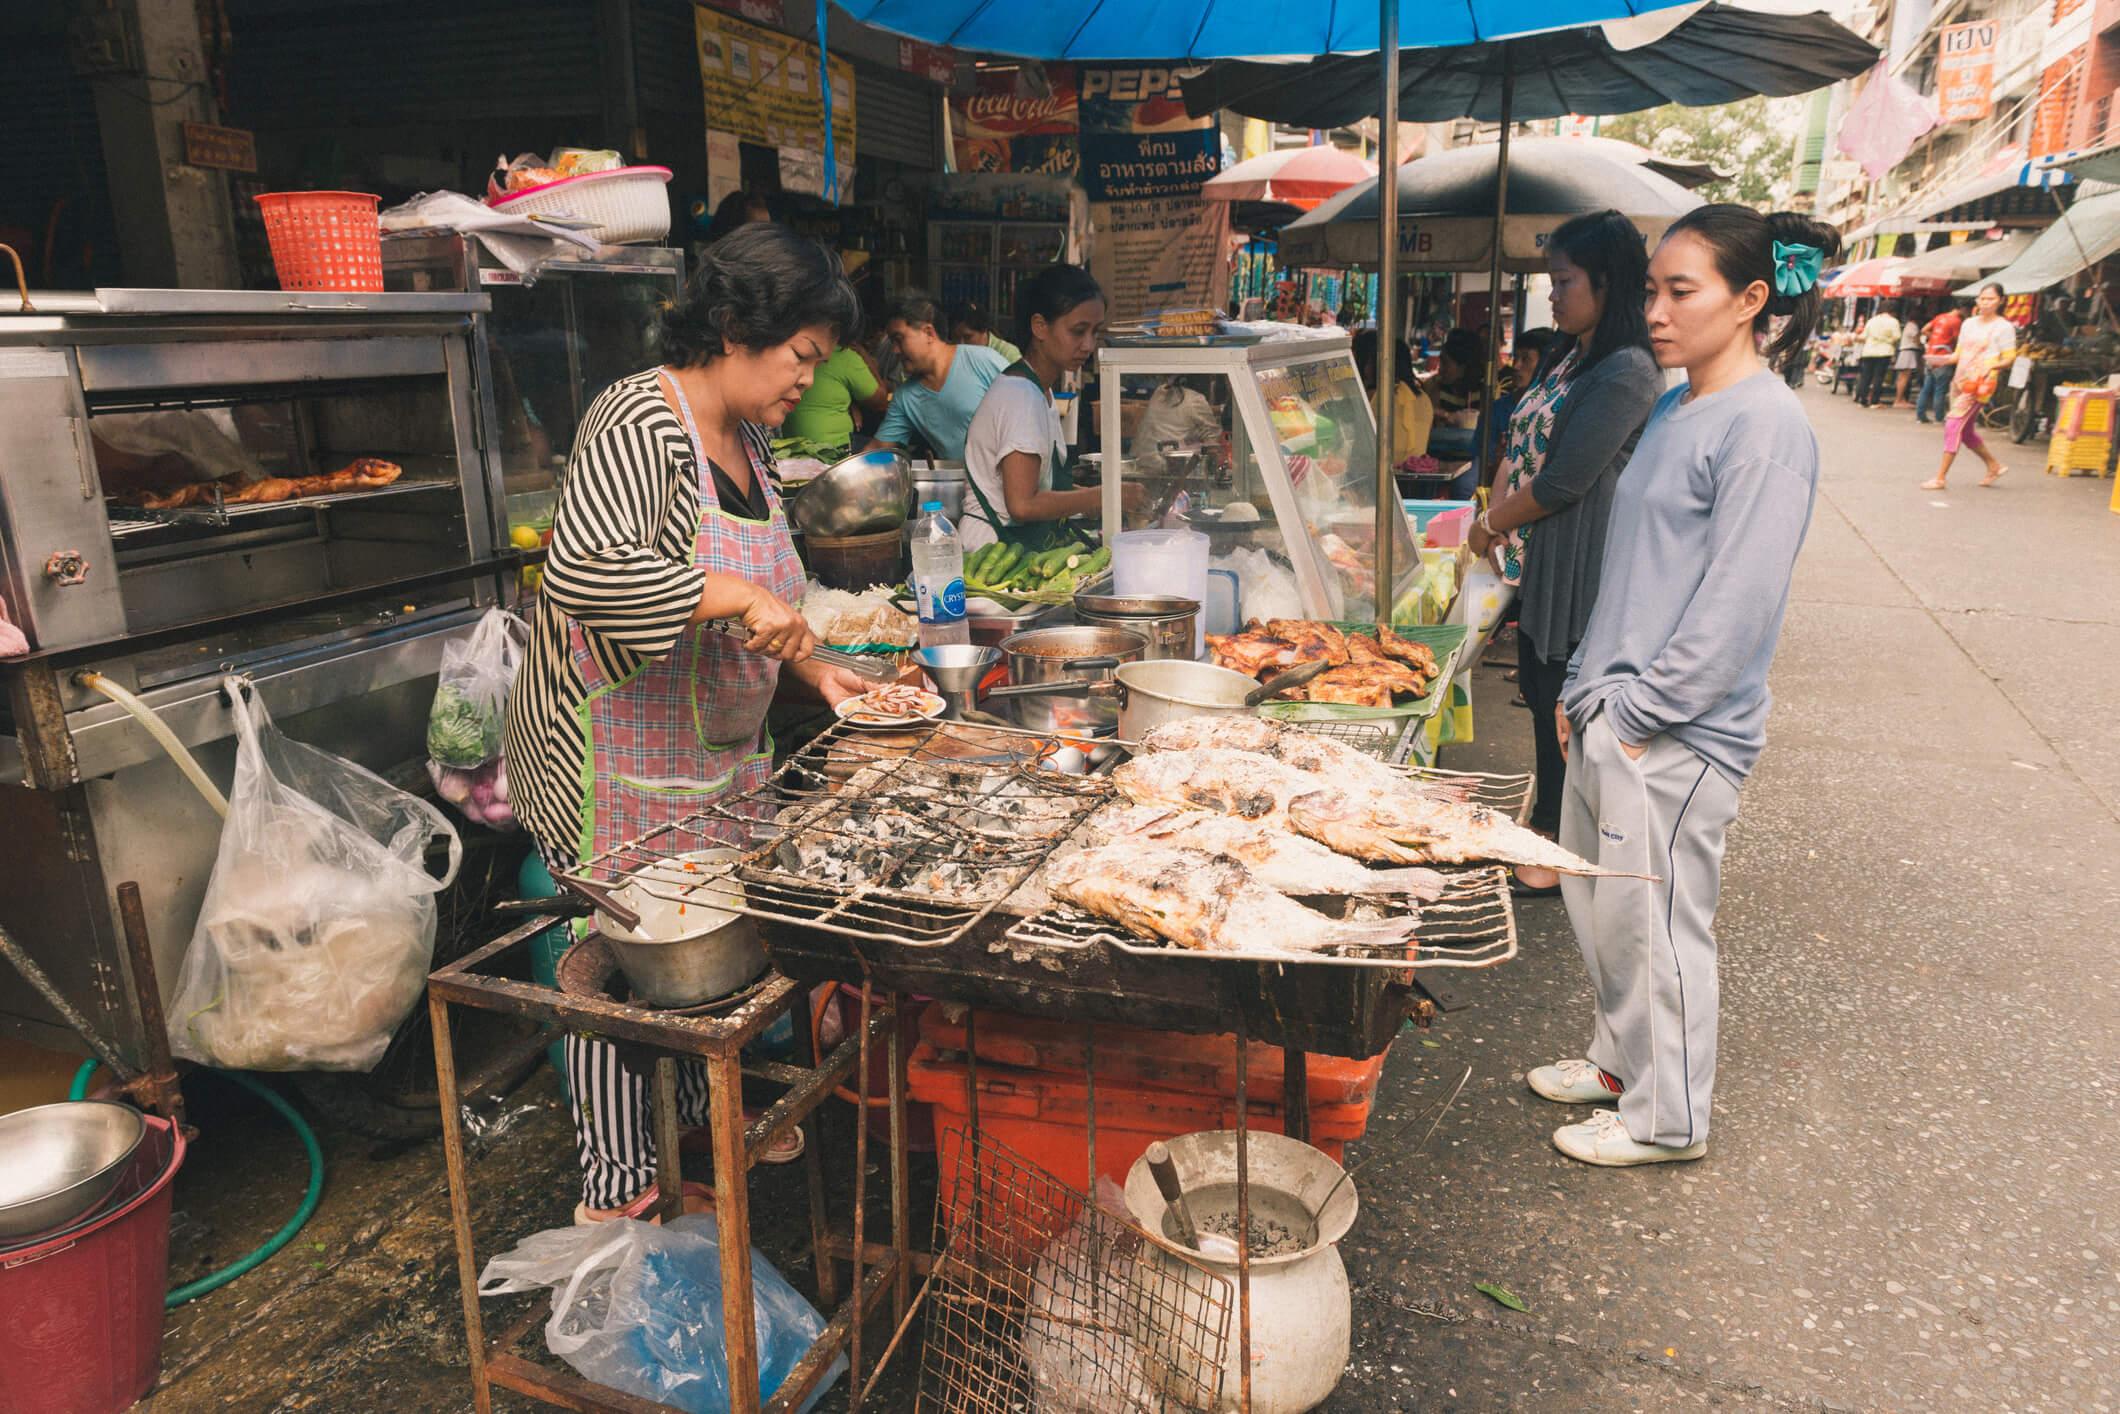 Street food stalls in Silom - best street food in Bangkok